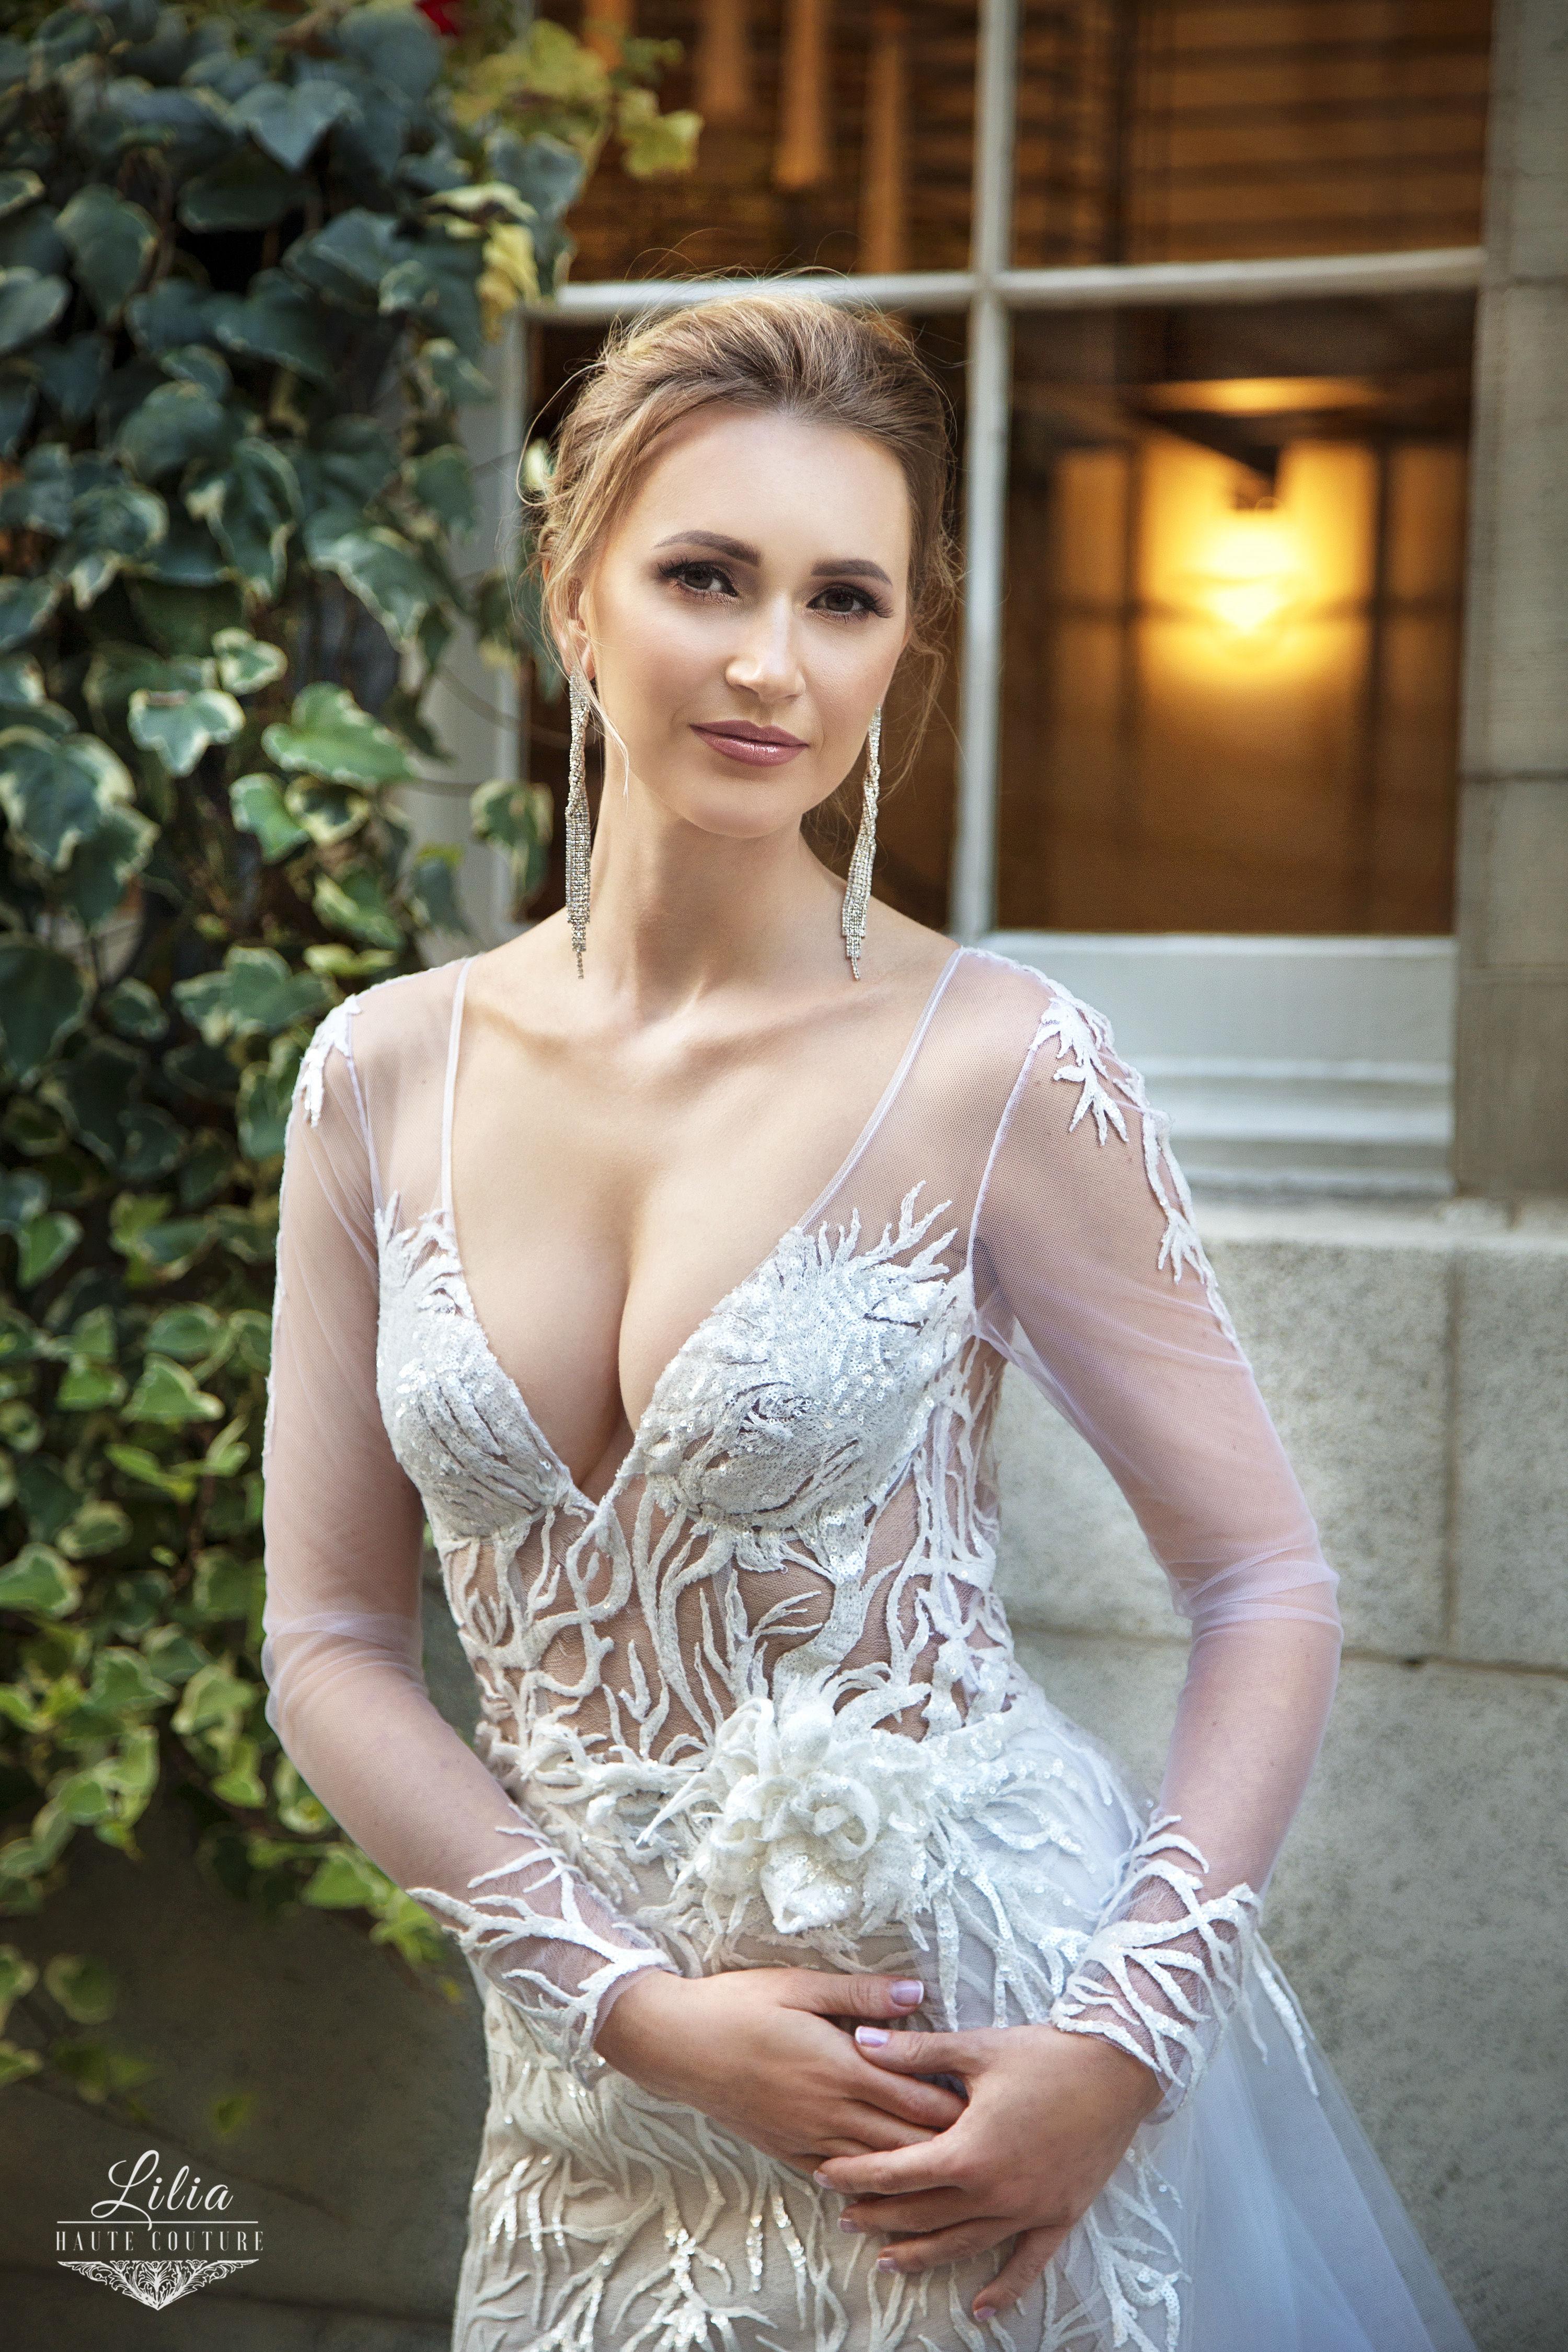 lilia haute couture salon de la mariee montreal cole en v robe en dentelle avec jupe en tulle